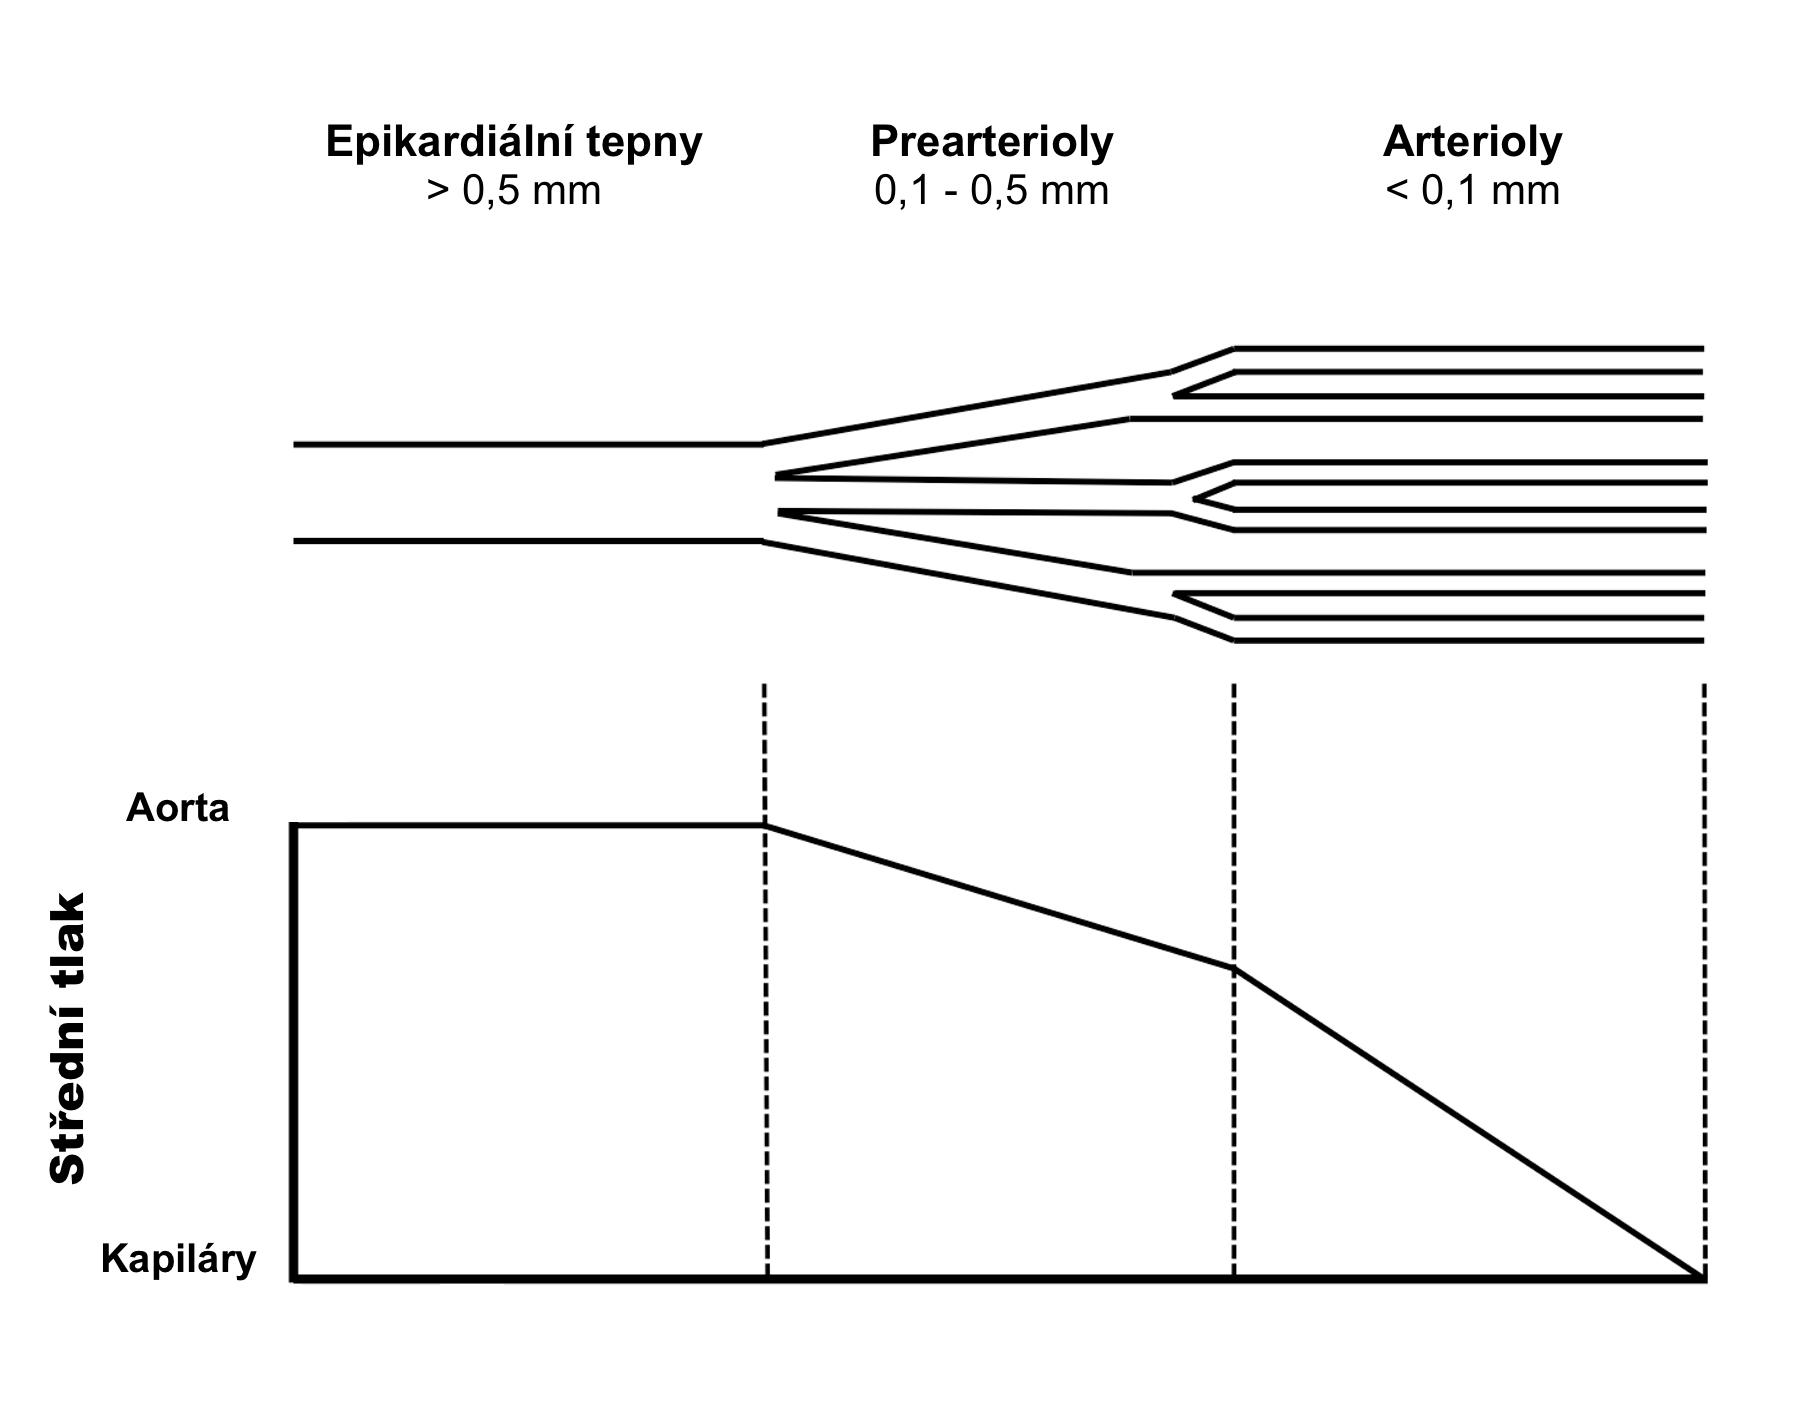 Kompartmentový model koronárního řečiště (upraveno dle: Camici et al., 2007)